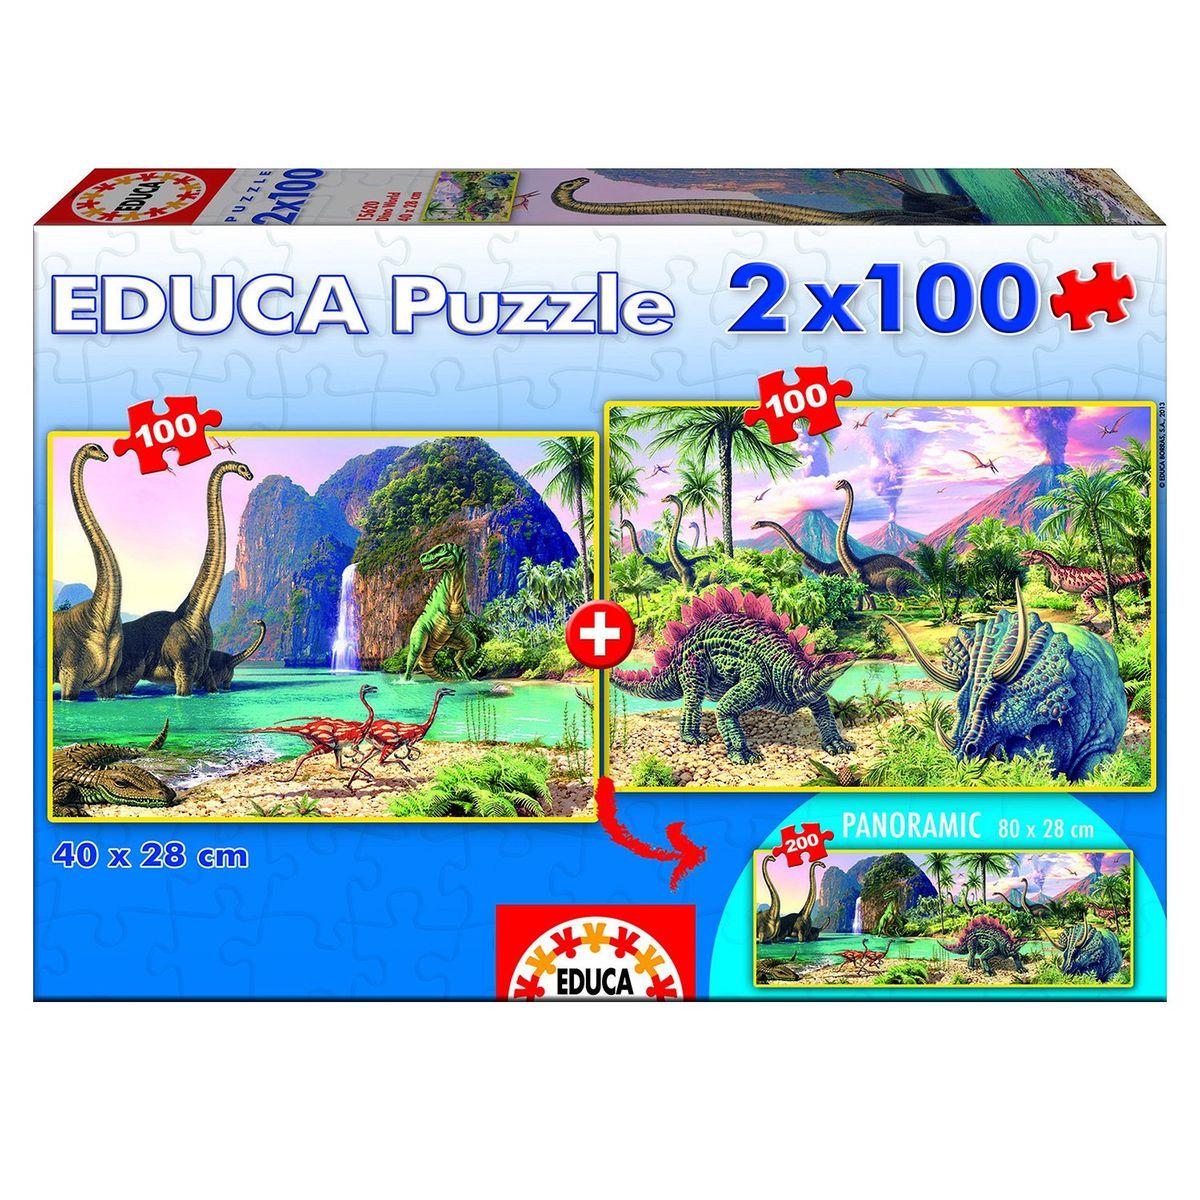 Enfant Bébé Jouets Puzzle Puzzle enfant